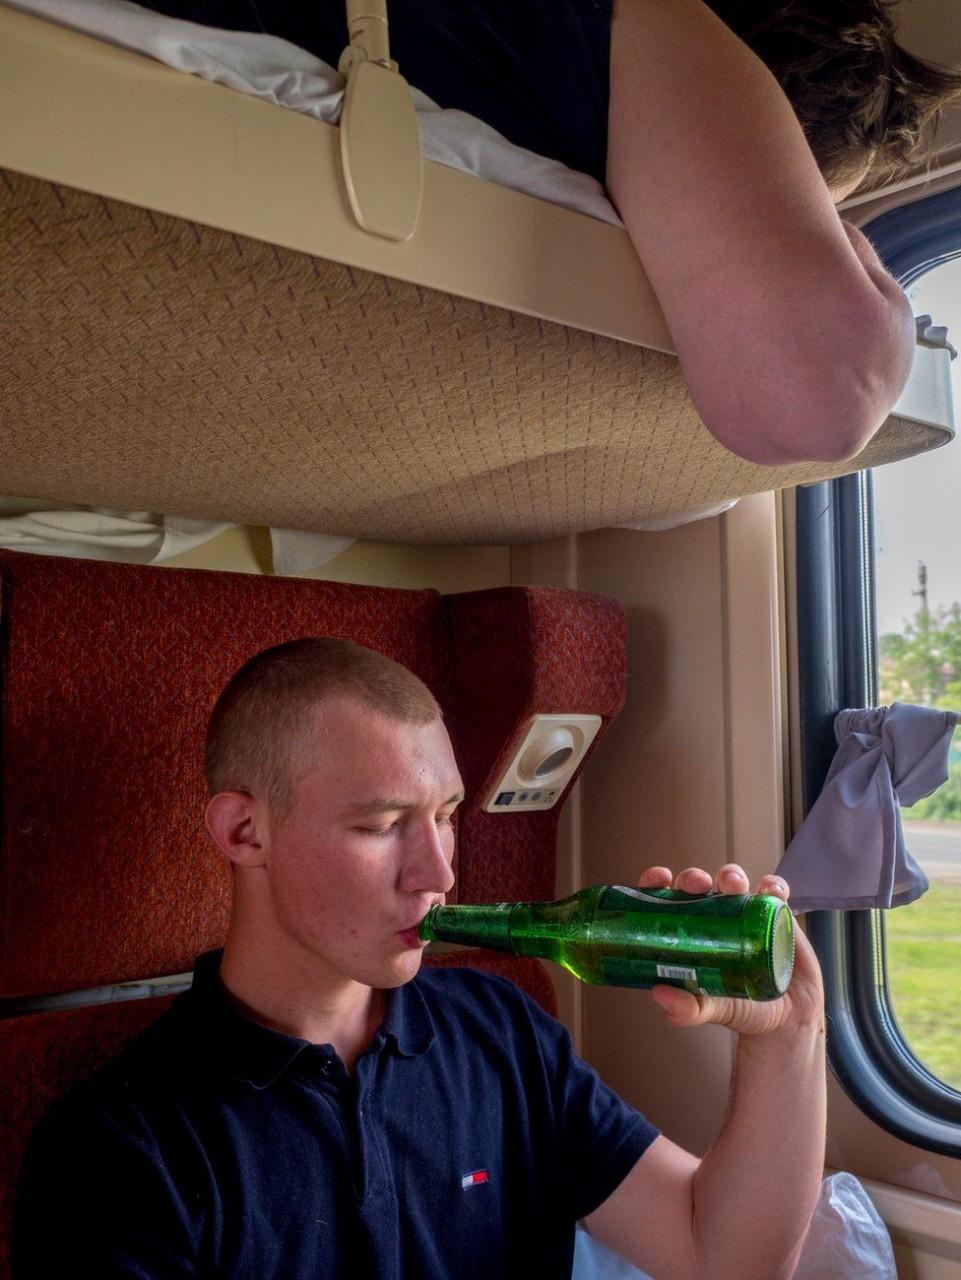 Россия глазами англичанина: британец опубликовал фотографии путешествия по Транссибу на ЧМ